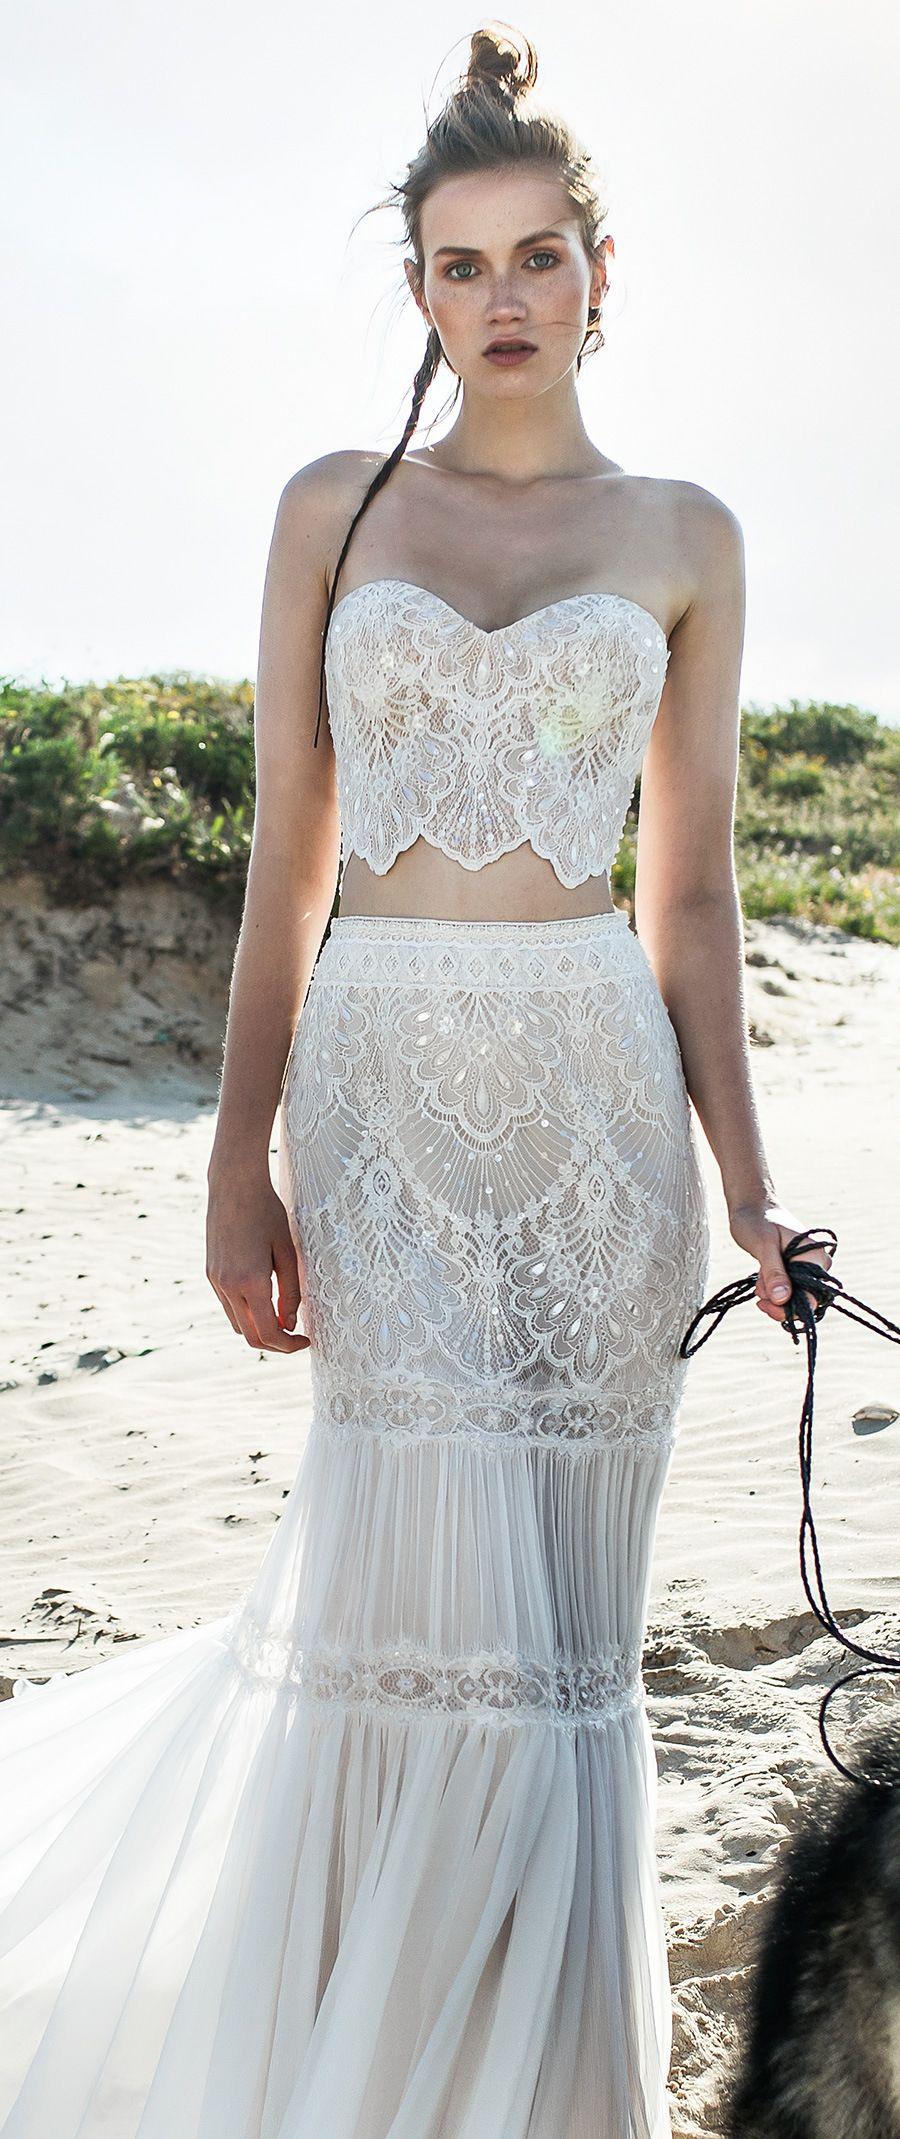 60+ Crop Top Wedding Dresses Ideas Atemberaubende